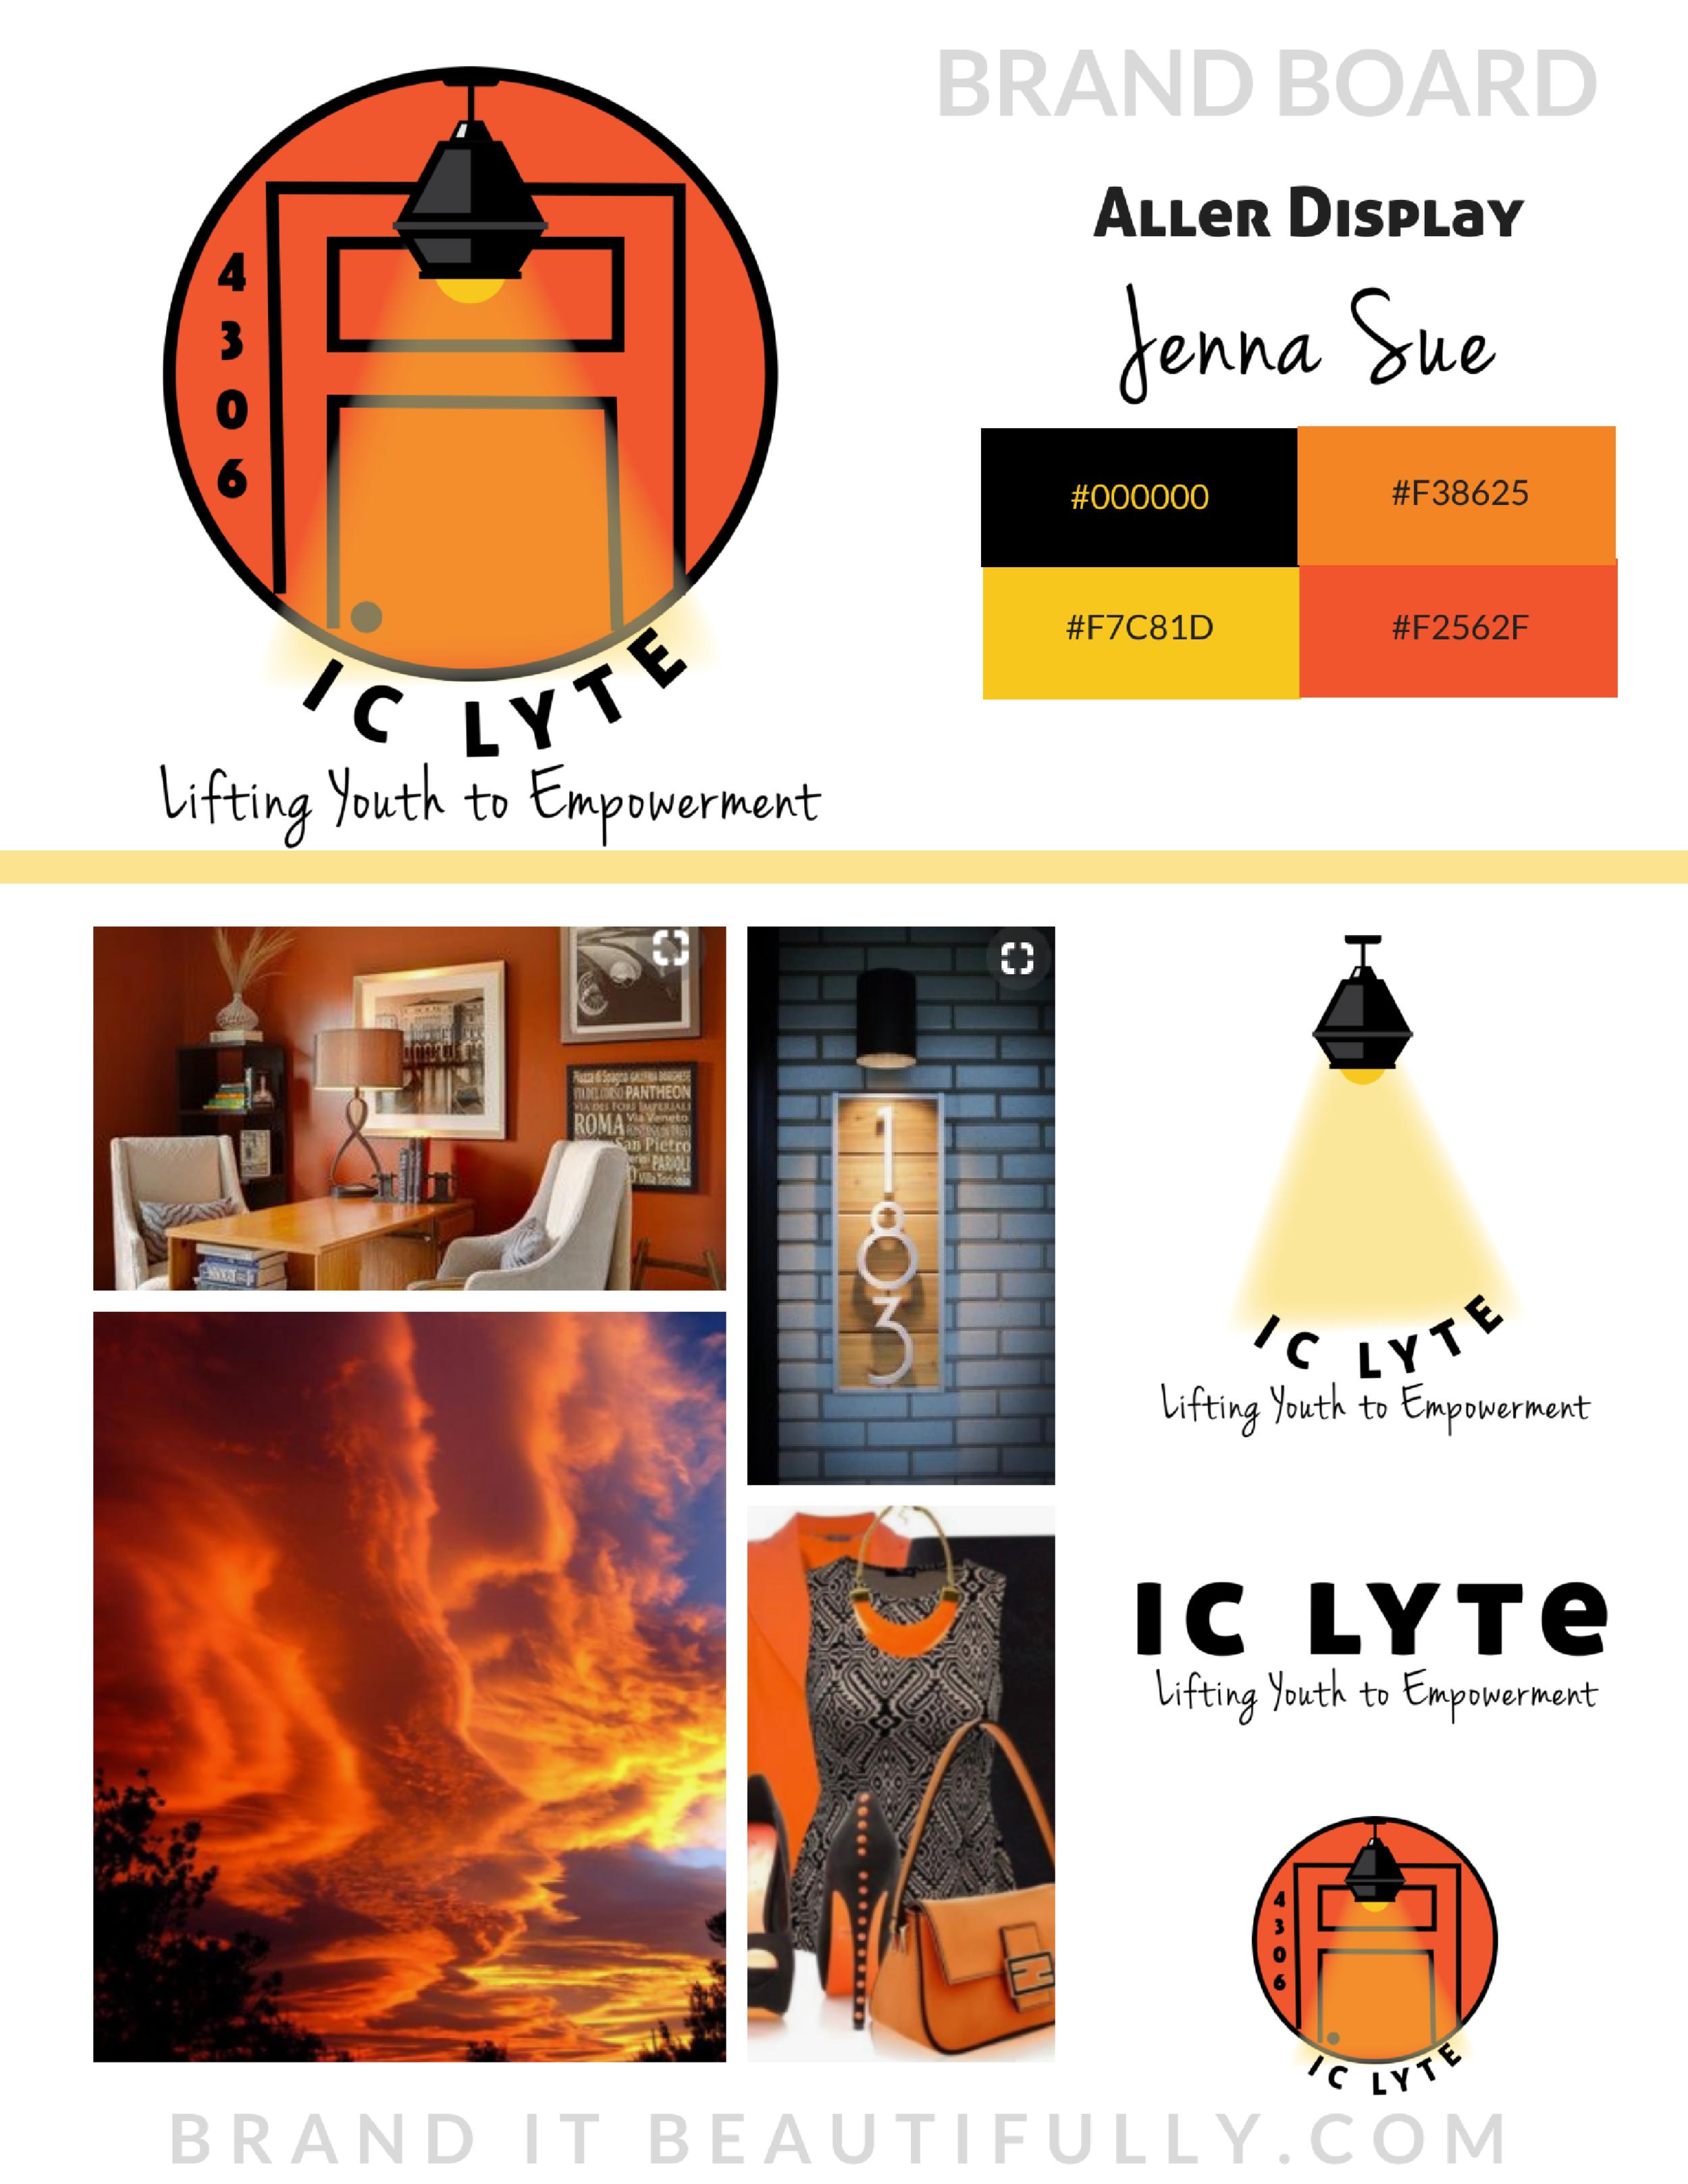 Charlene ICLyte Brand Board.png